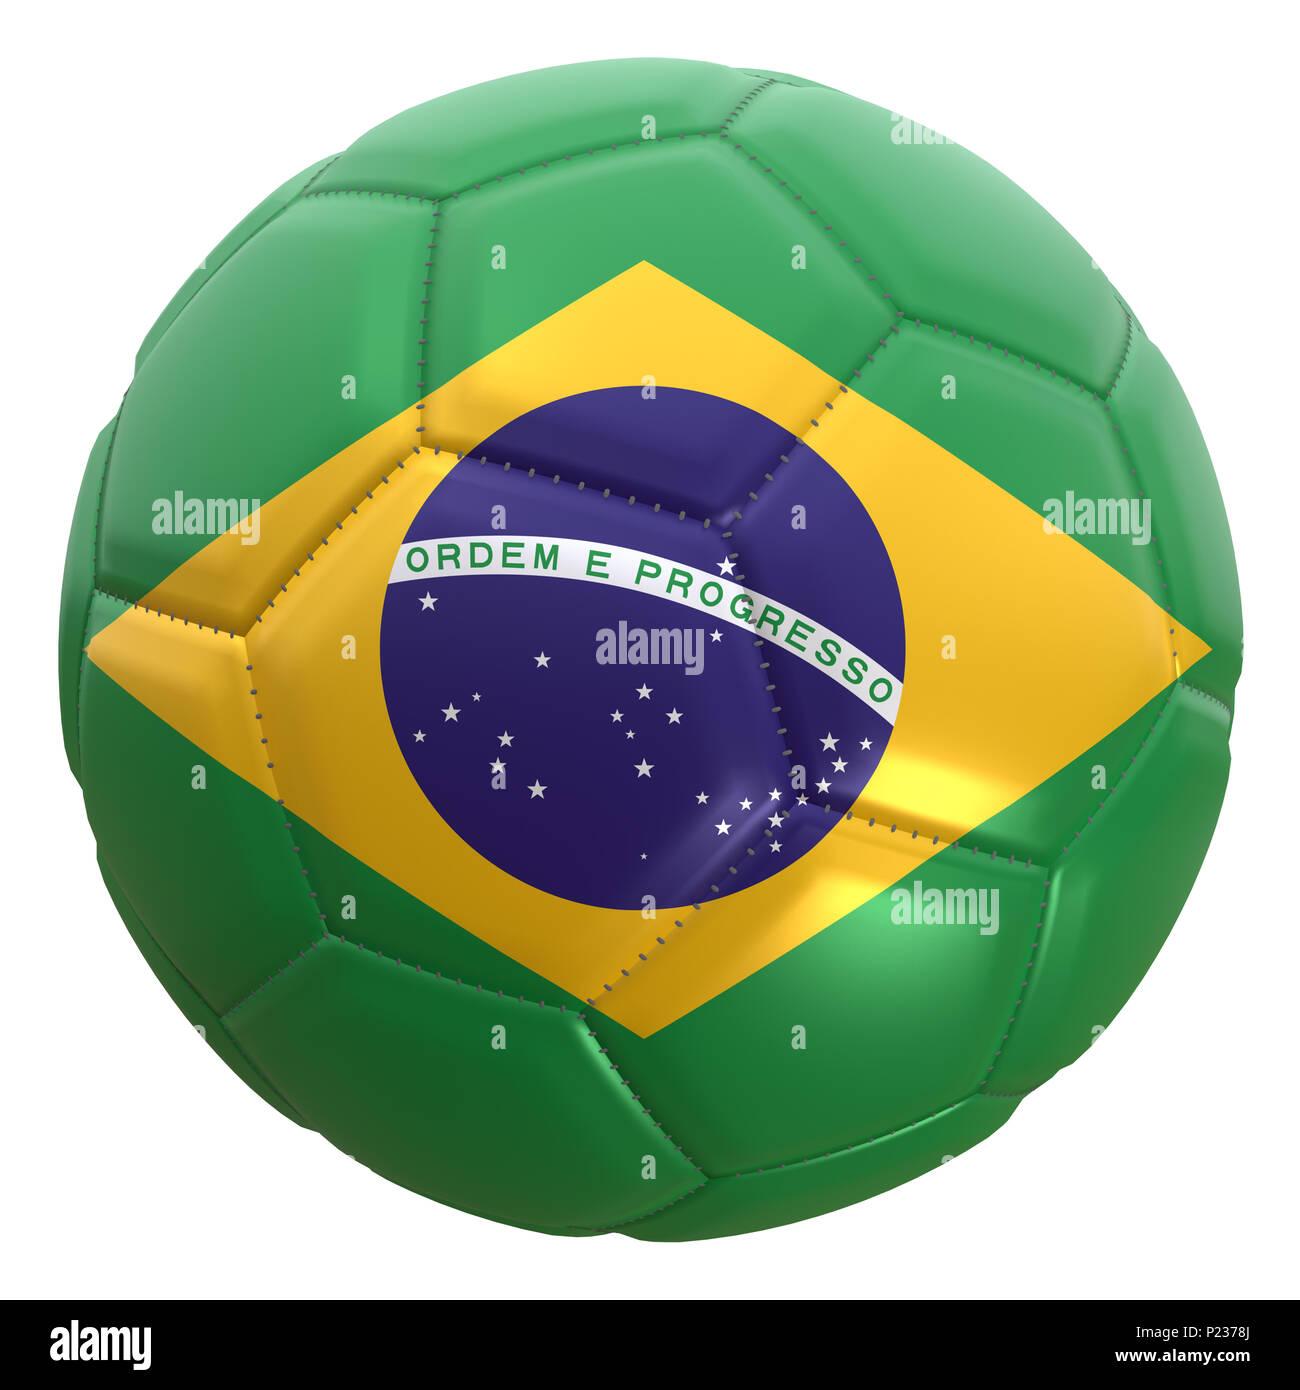 fca326c00760d Representación 3D de una bandera de Brasil en un balón de fútbol. Brasil es  uno